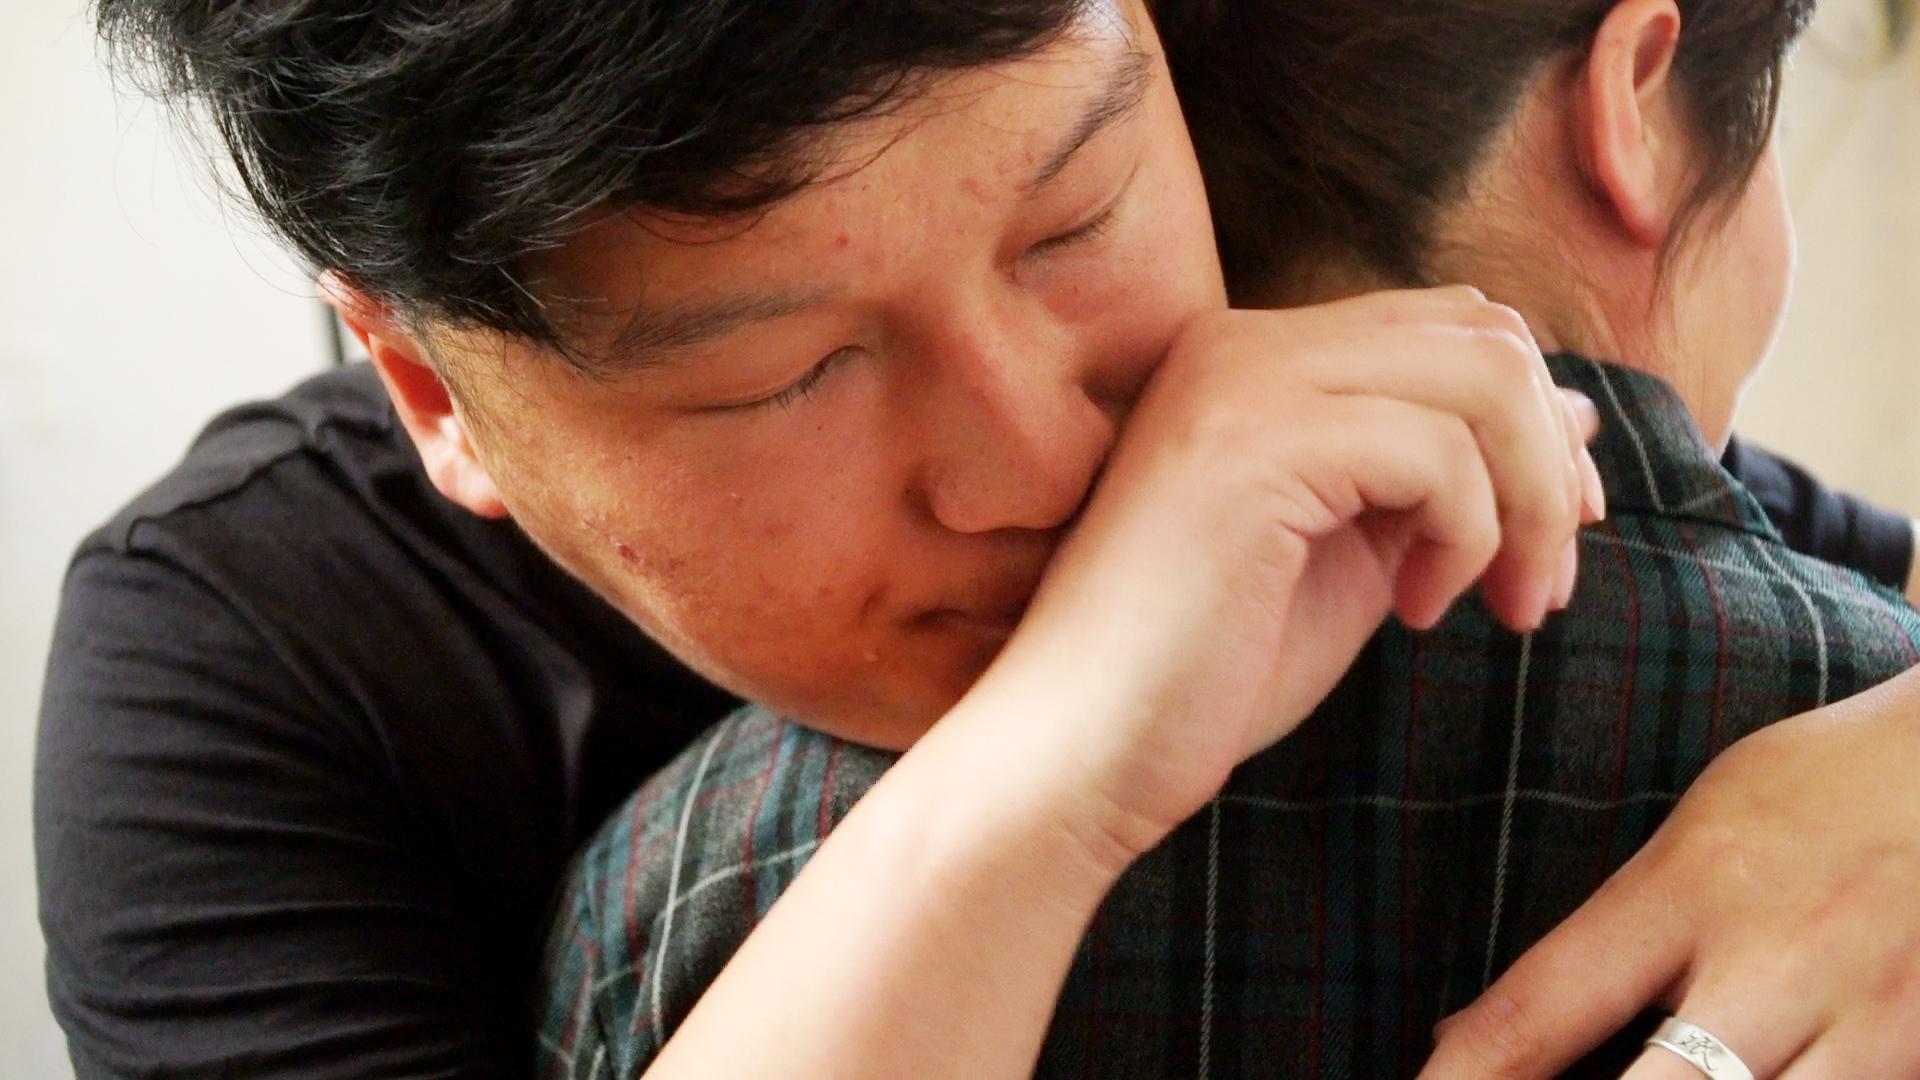 """#情感#母亲出意外,男子""""将时间倒流"""",去疼爱自己的母亲!"""